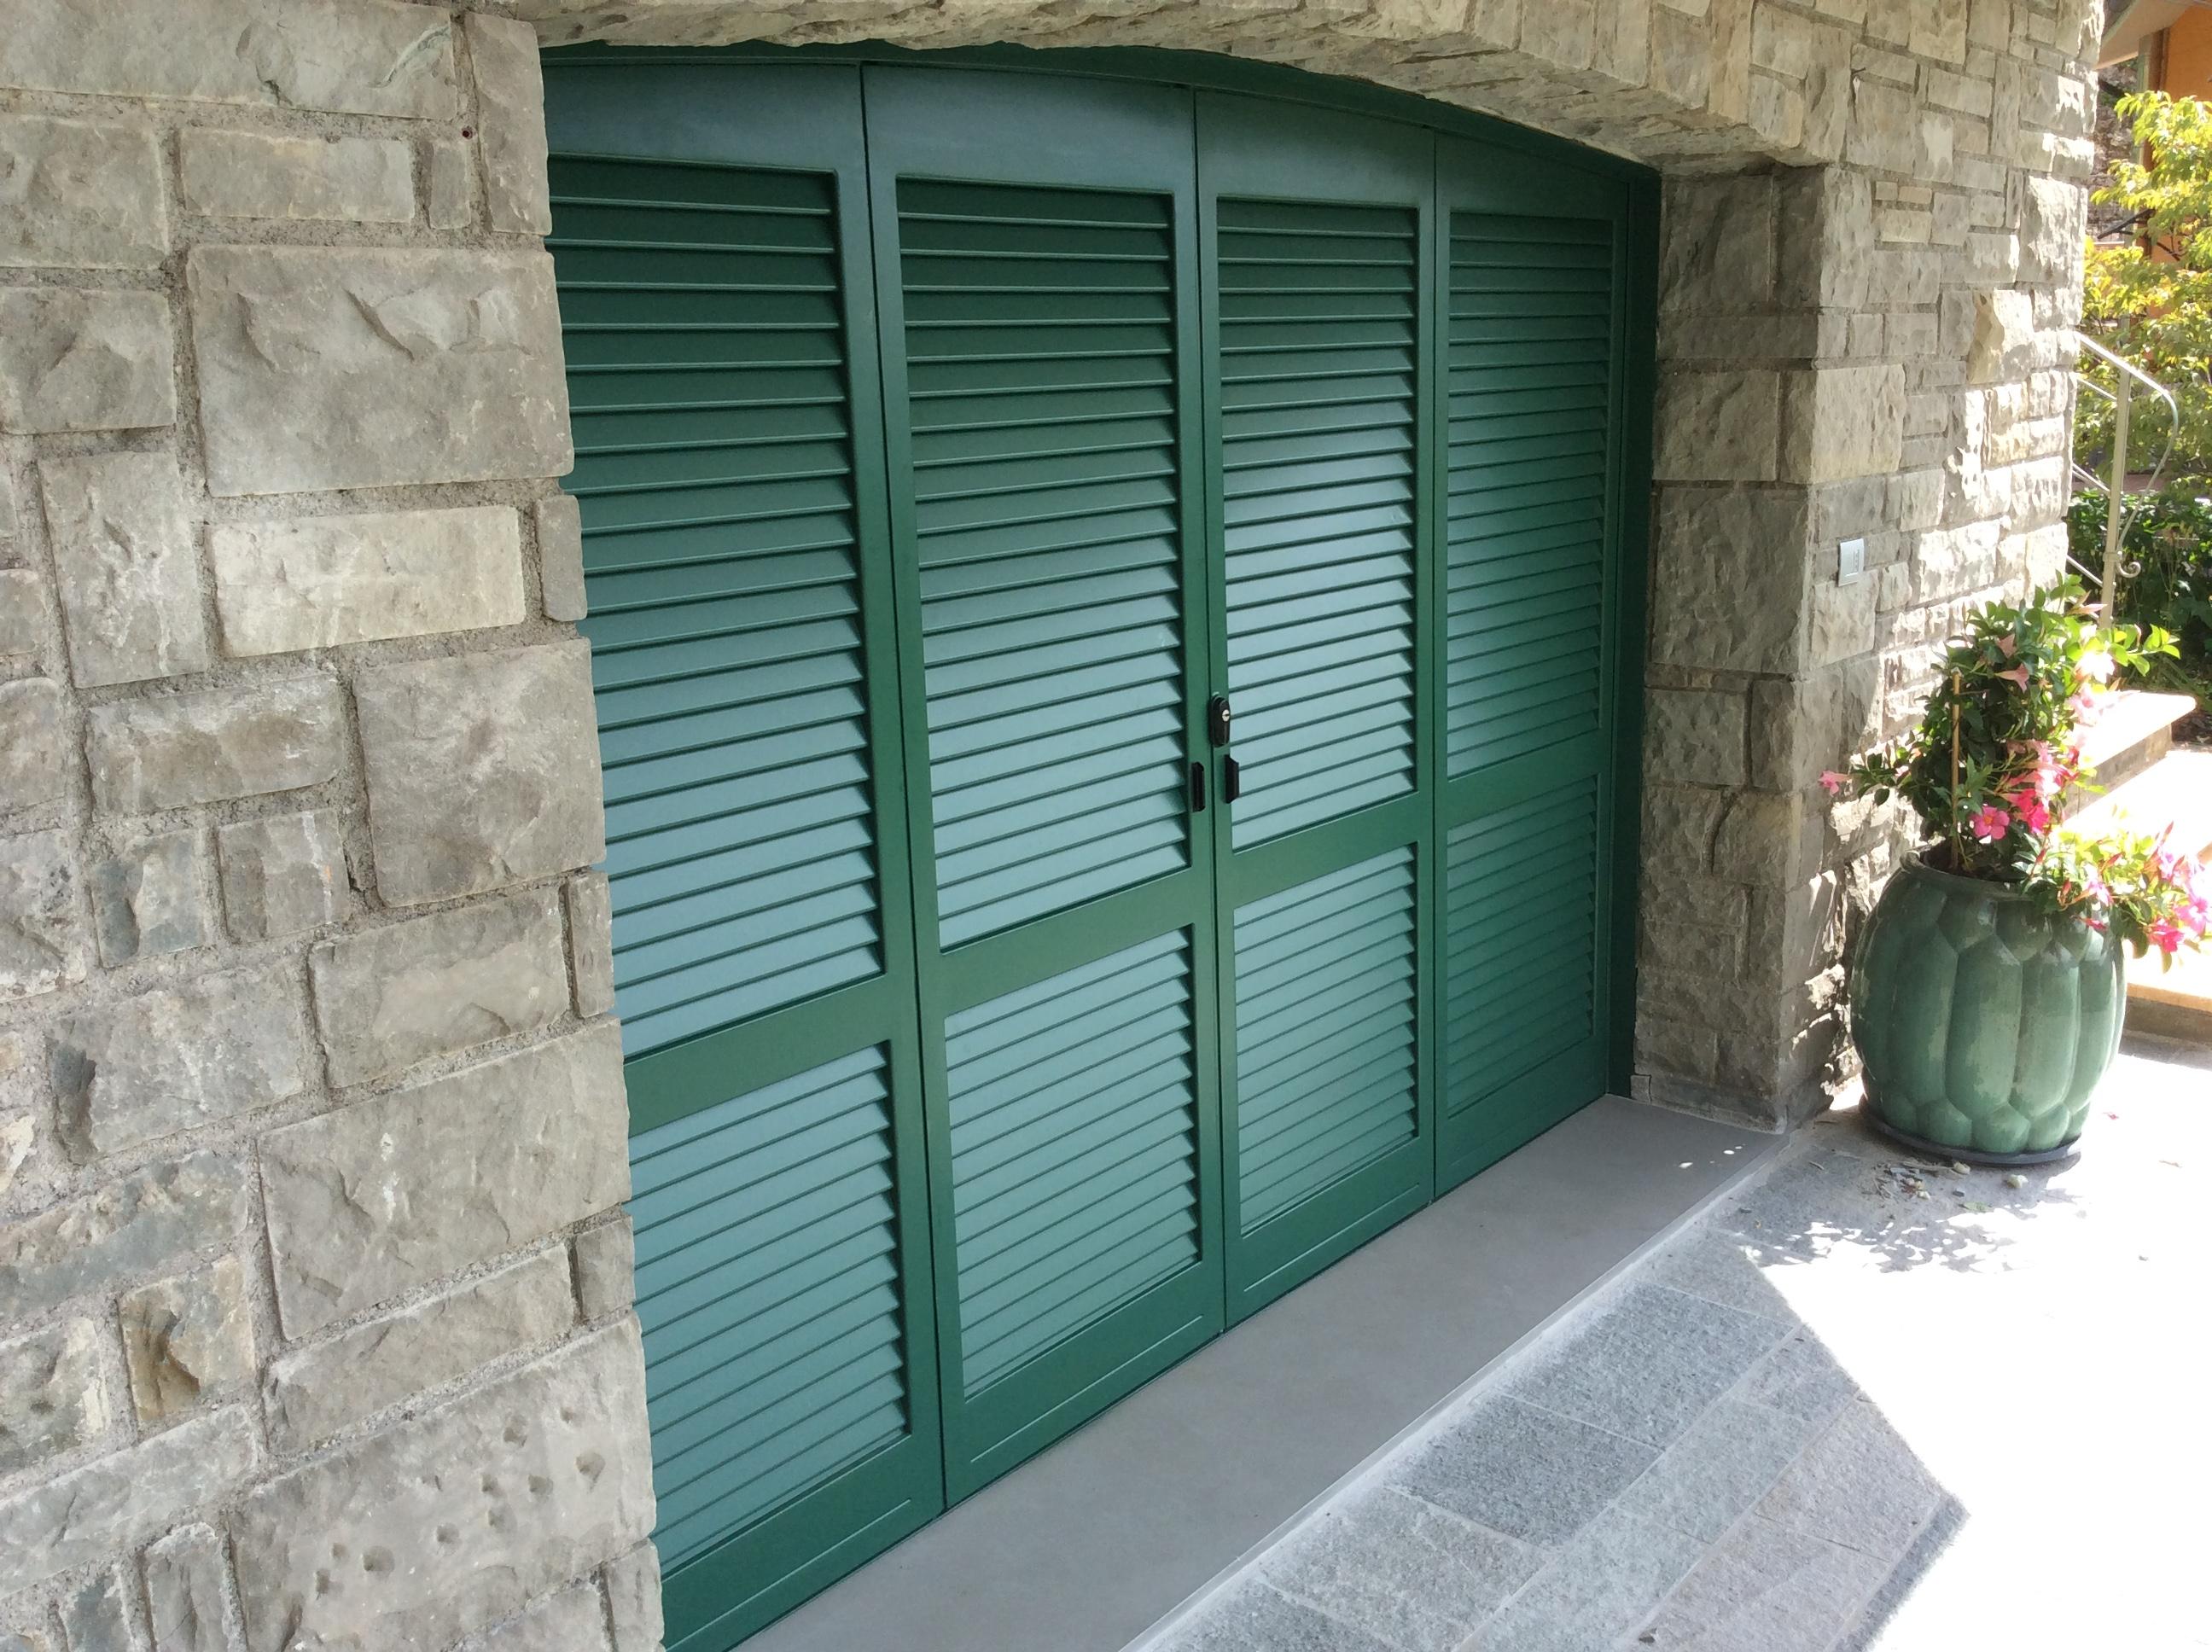 Persiane blindate alcos serramentialcos serramenti - Blocca persiane dall interno ...